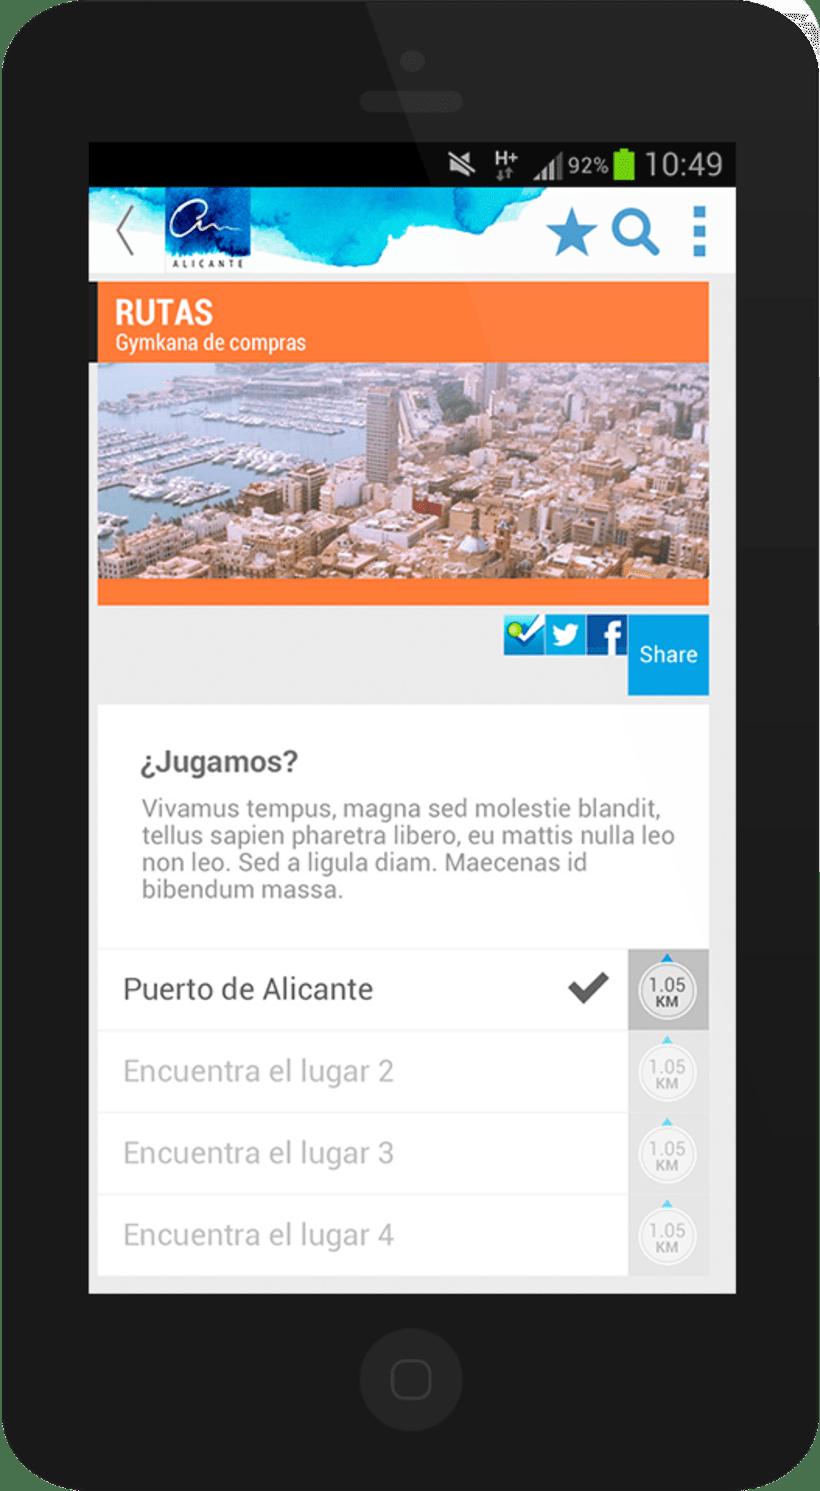 Alicante City mobile app 6